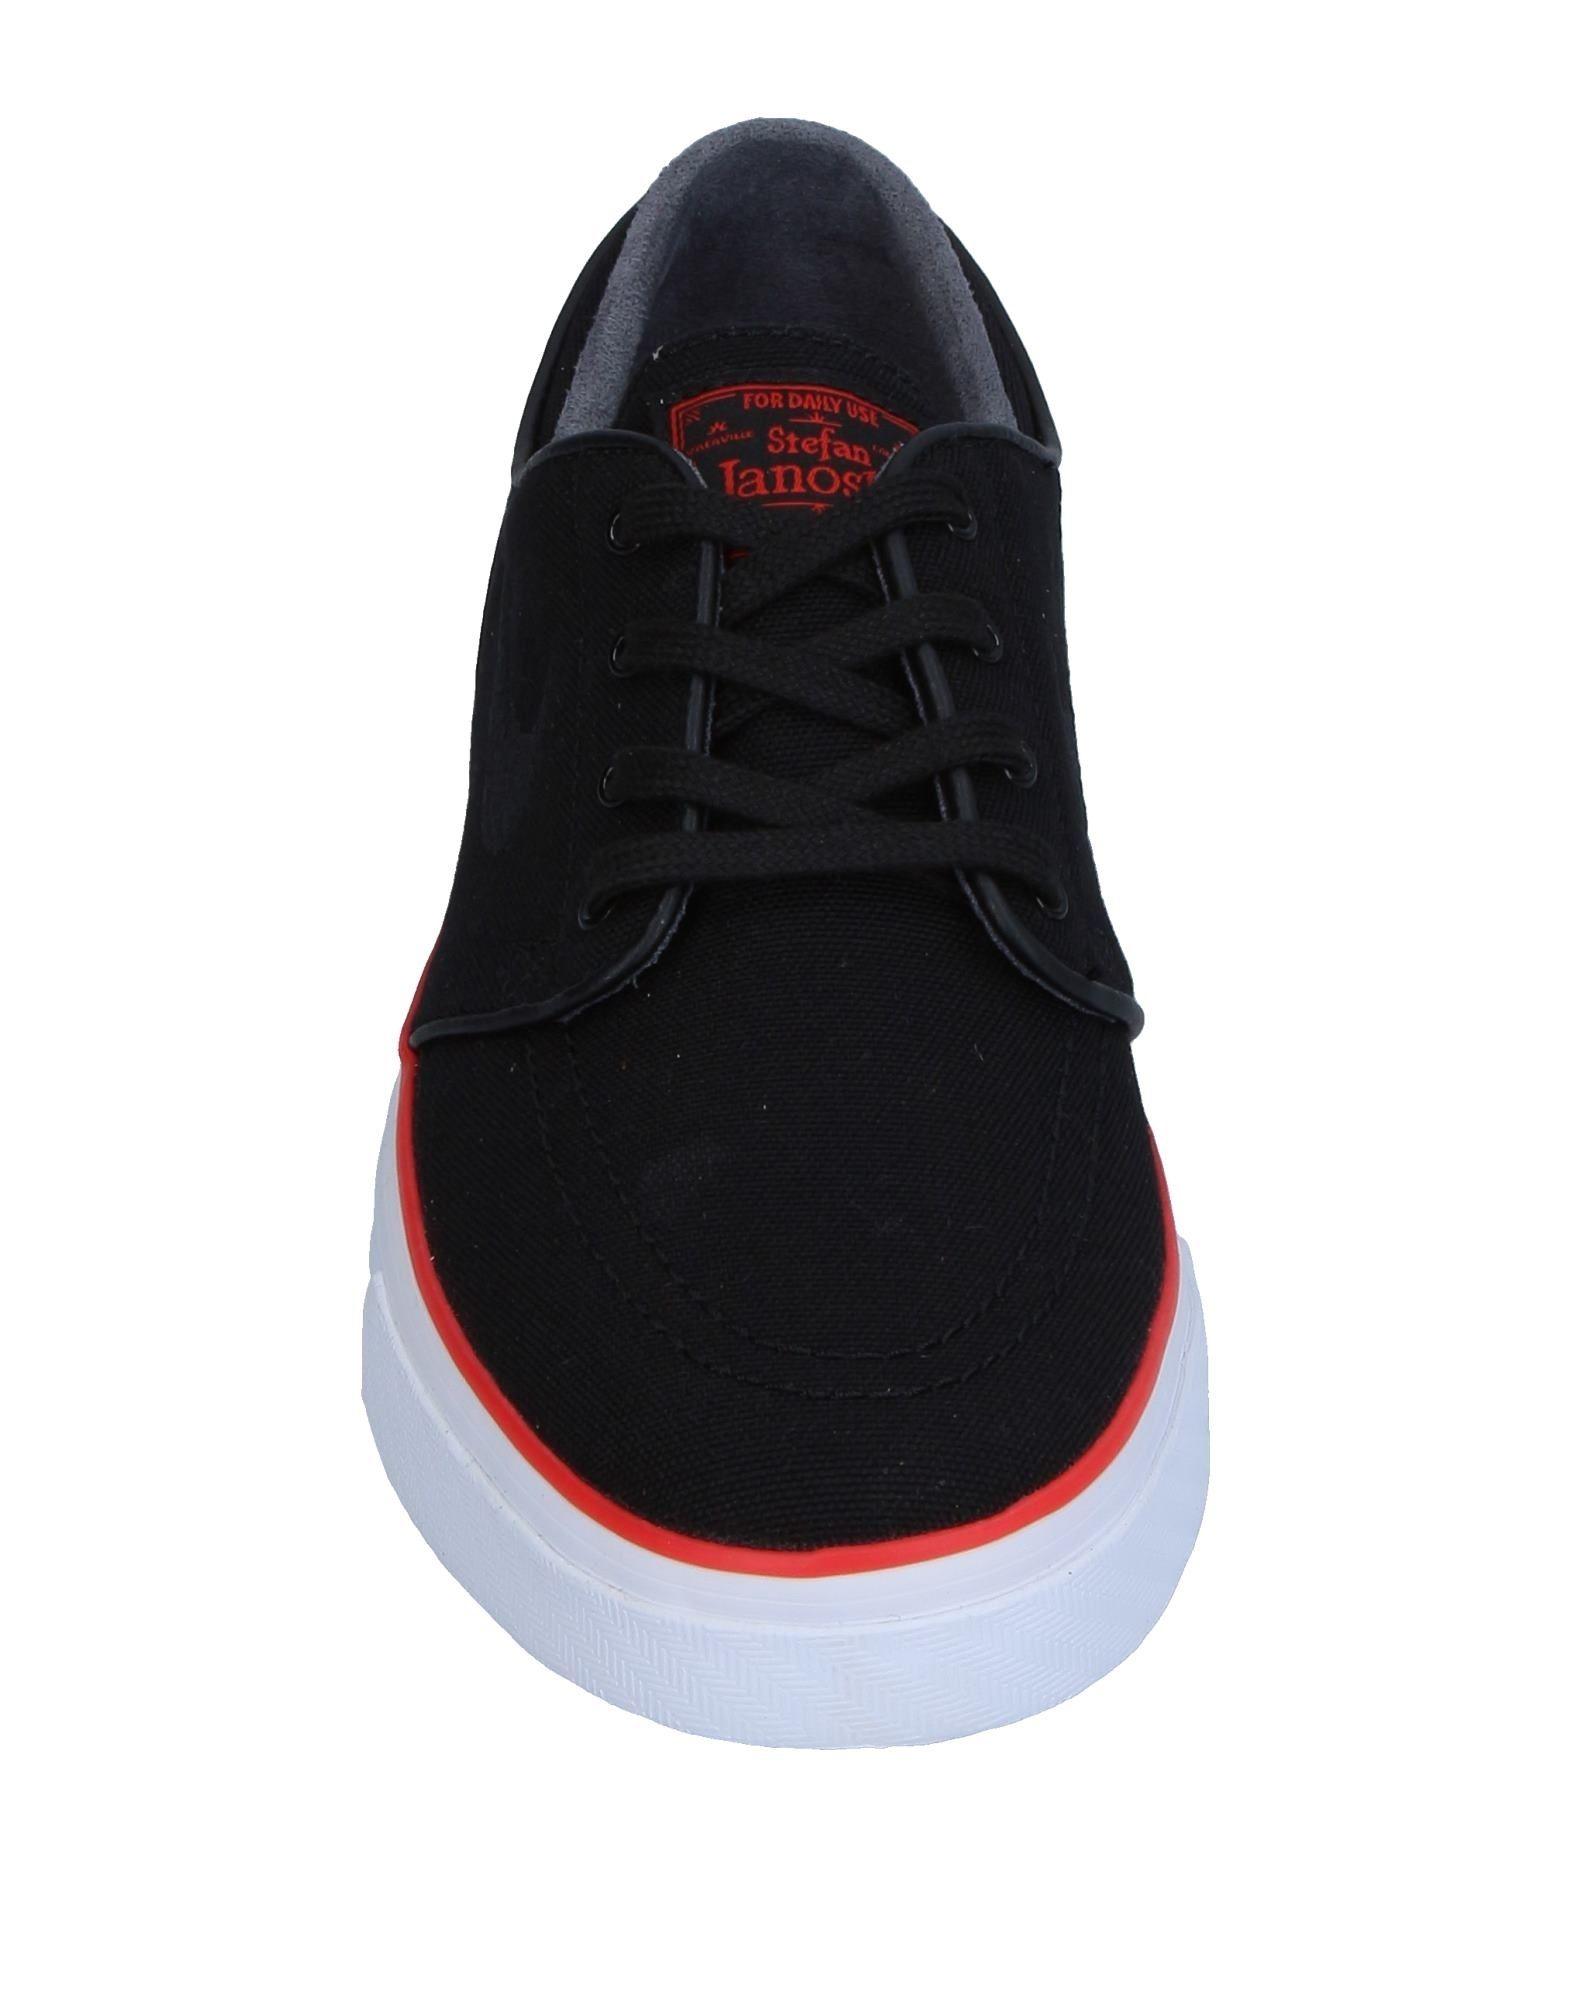 Nike Damen Sneakers Damen Nike Gutes Preis-Leistungs-Verhältnis, es lohnt sich 8ed379